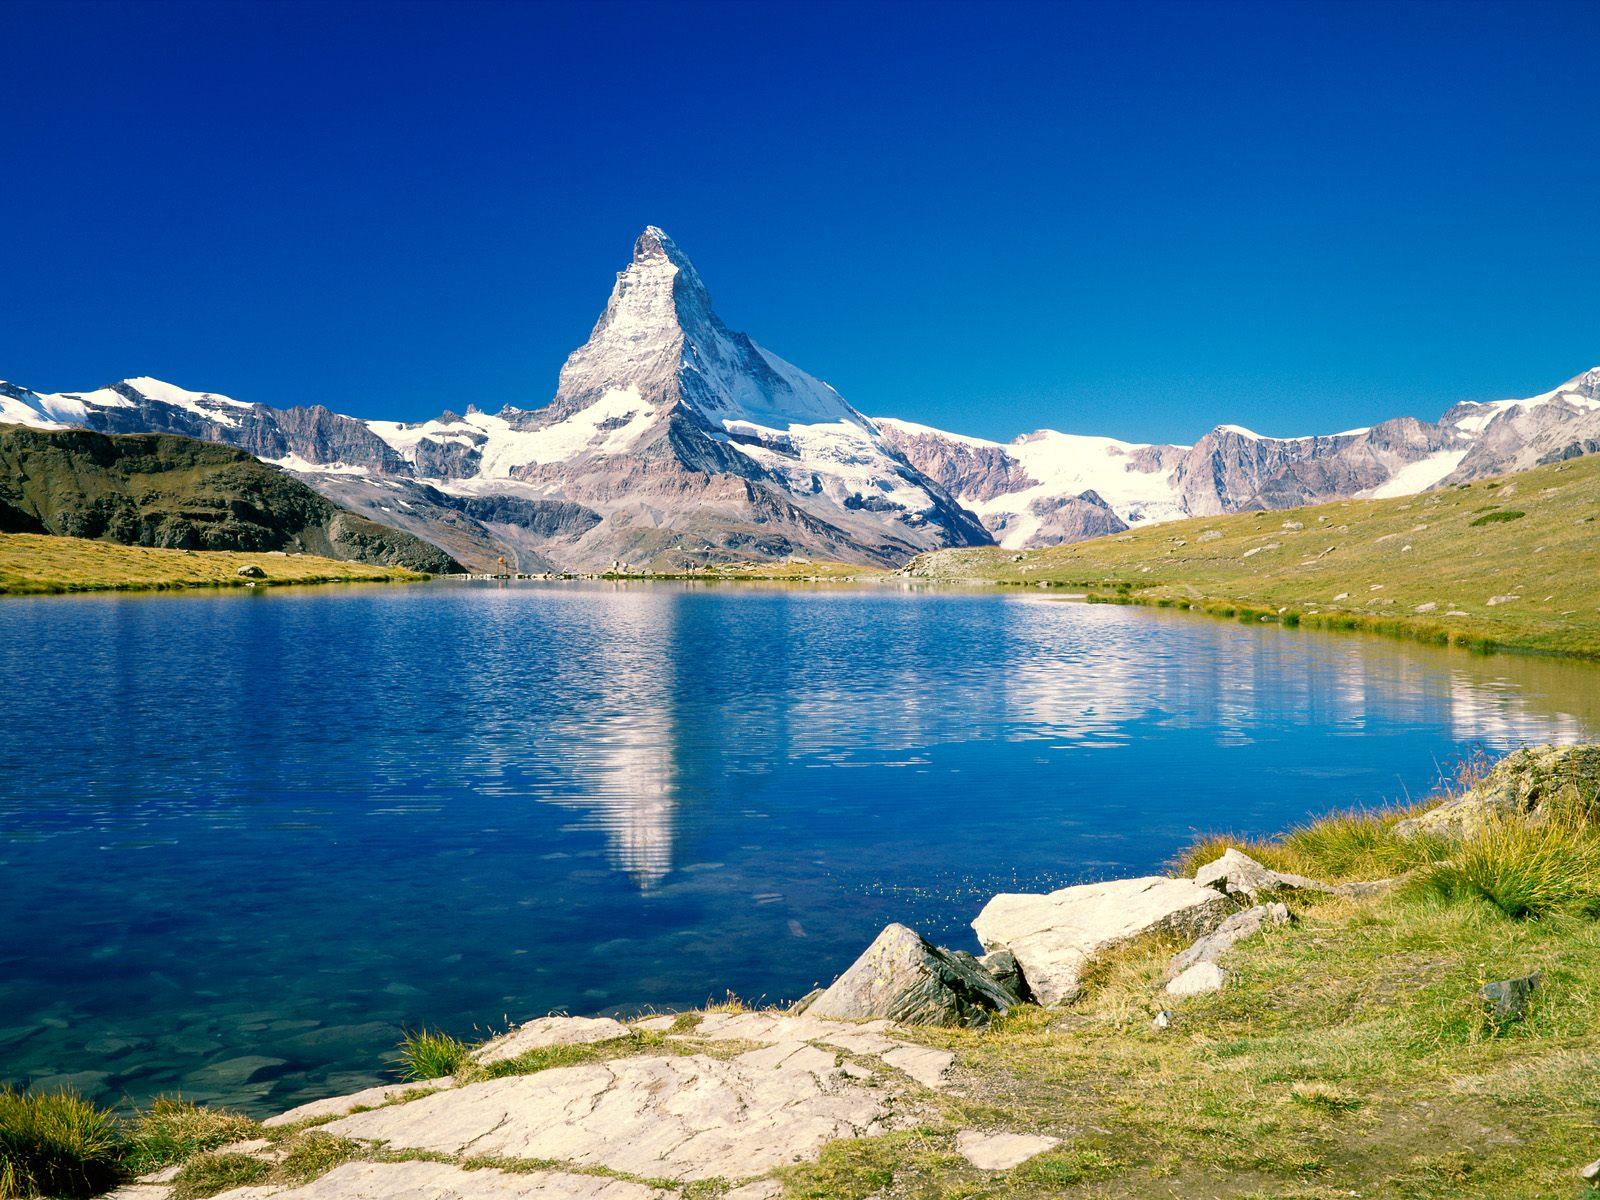 фото горы Арарат, Турция (на границе с ...: www.climbing.ru/forum/all/topic_464